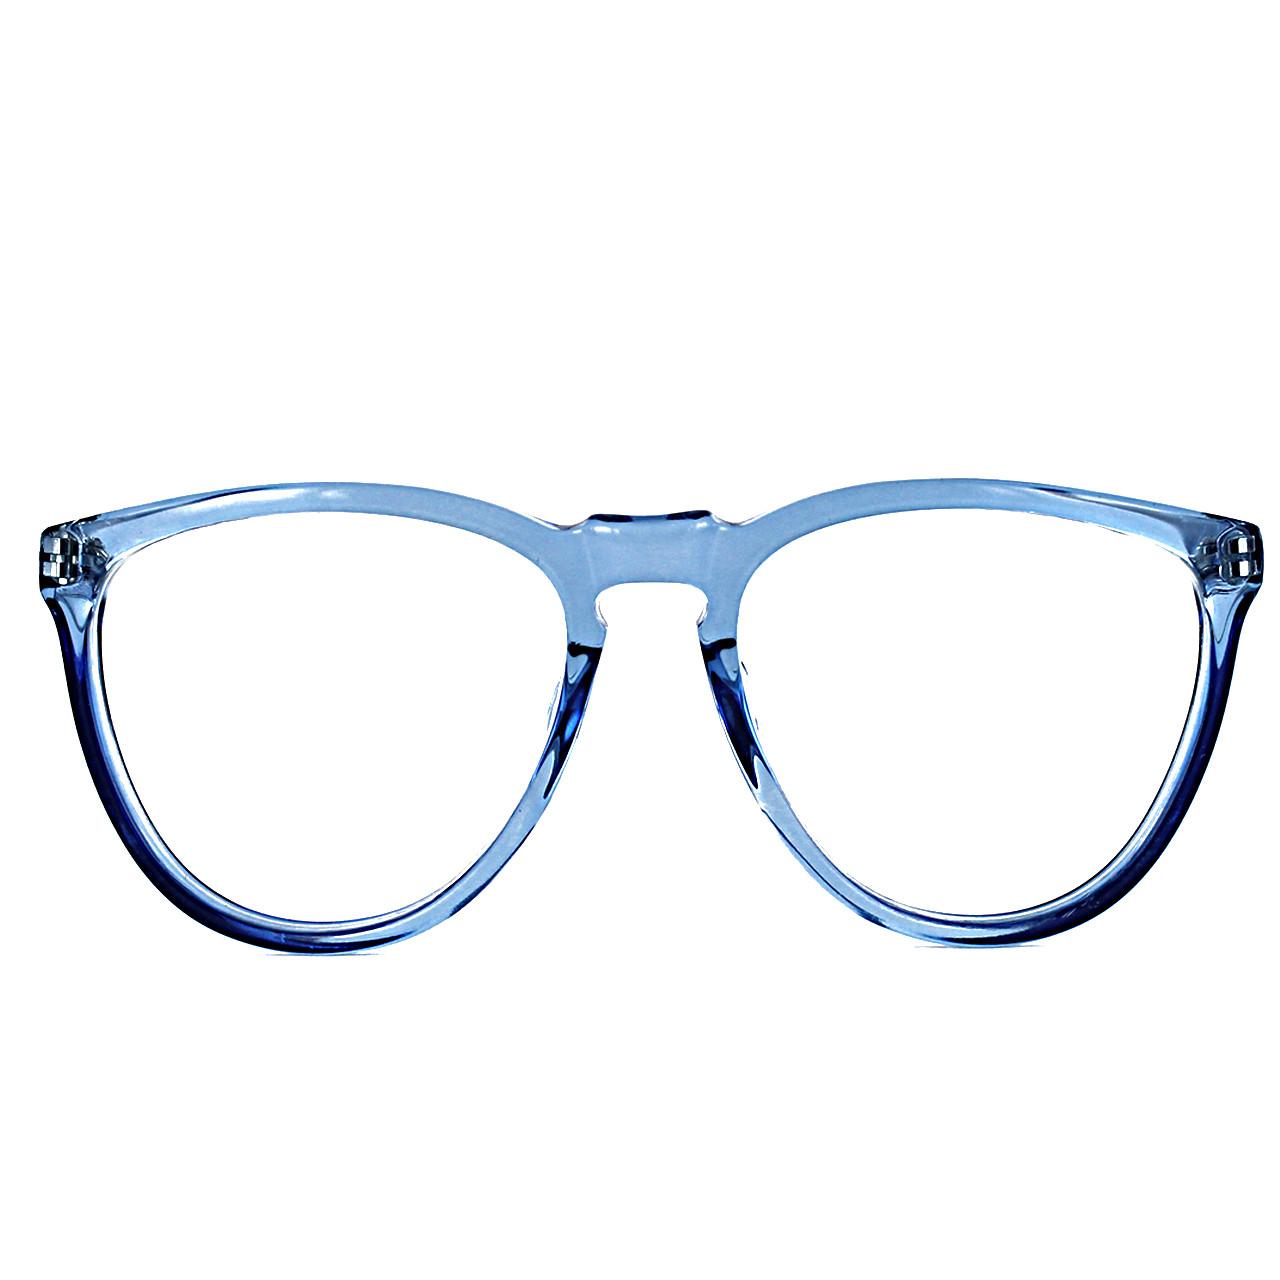 GEEK Eyewear GEEK SOPH